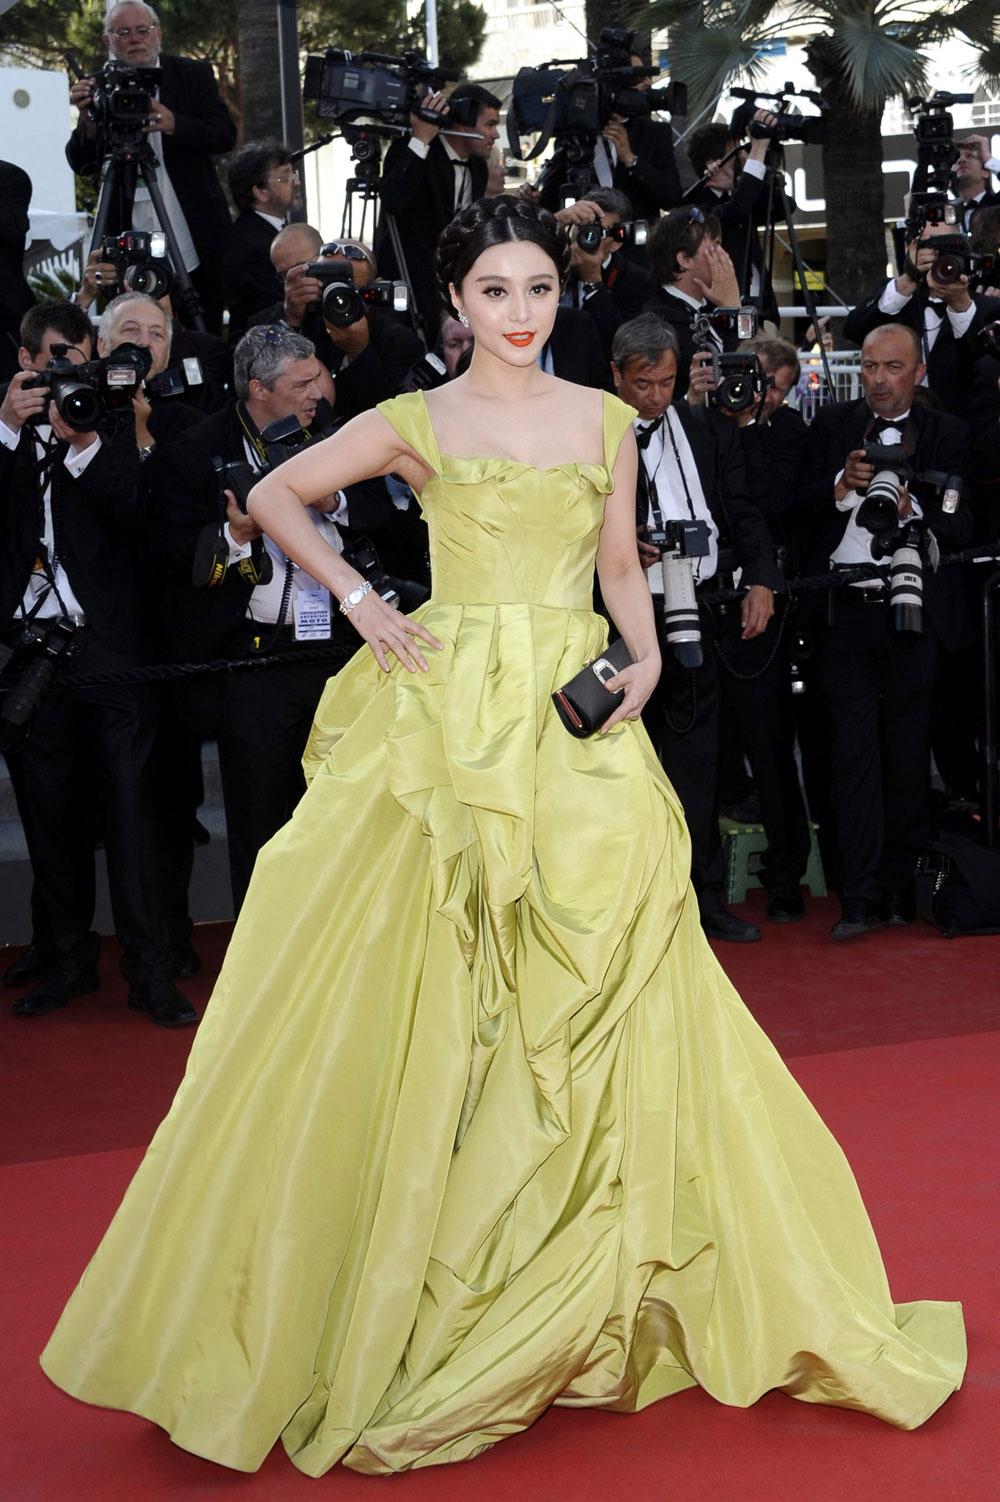 Il red carpet del film The tree of life. -  Dall'articolo: Cannes perde la testa per Malick.